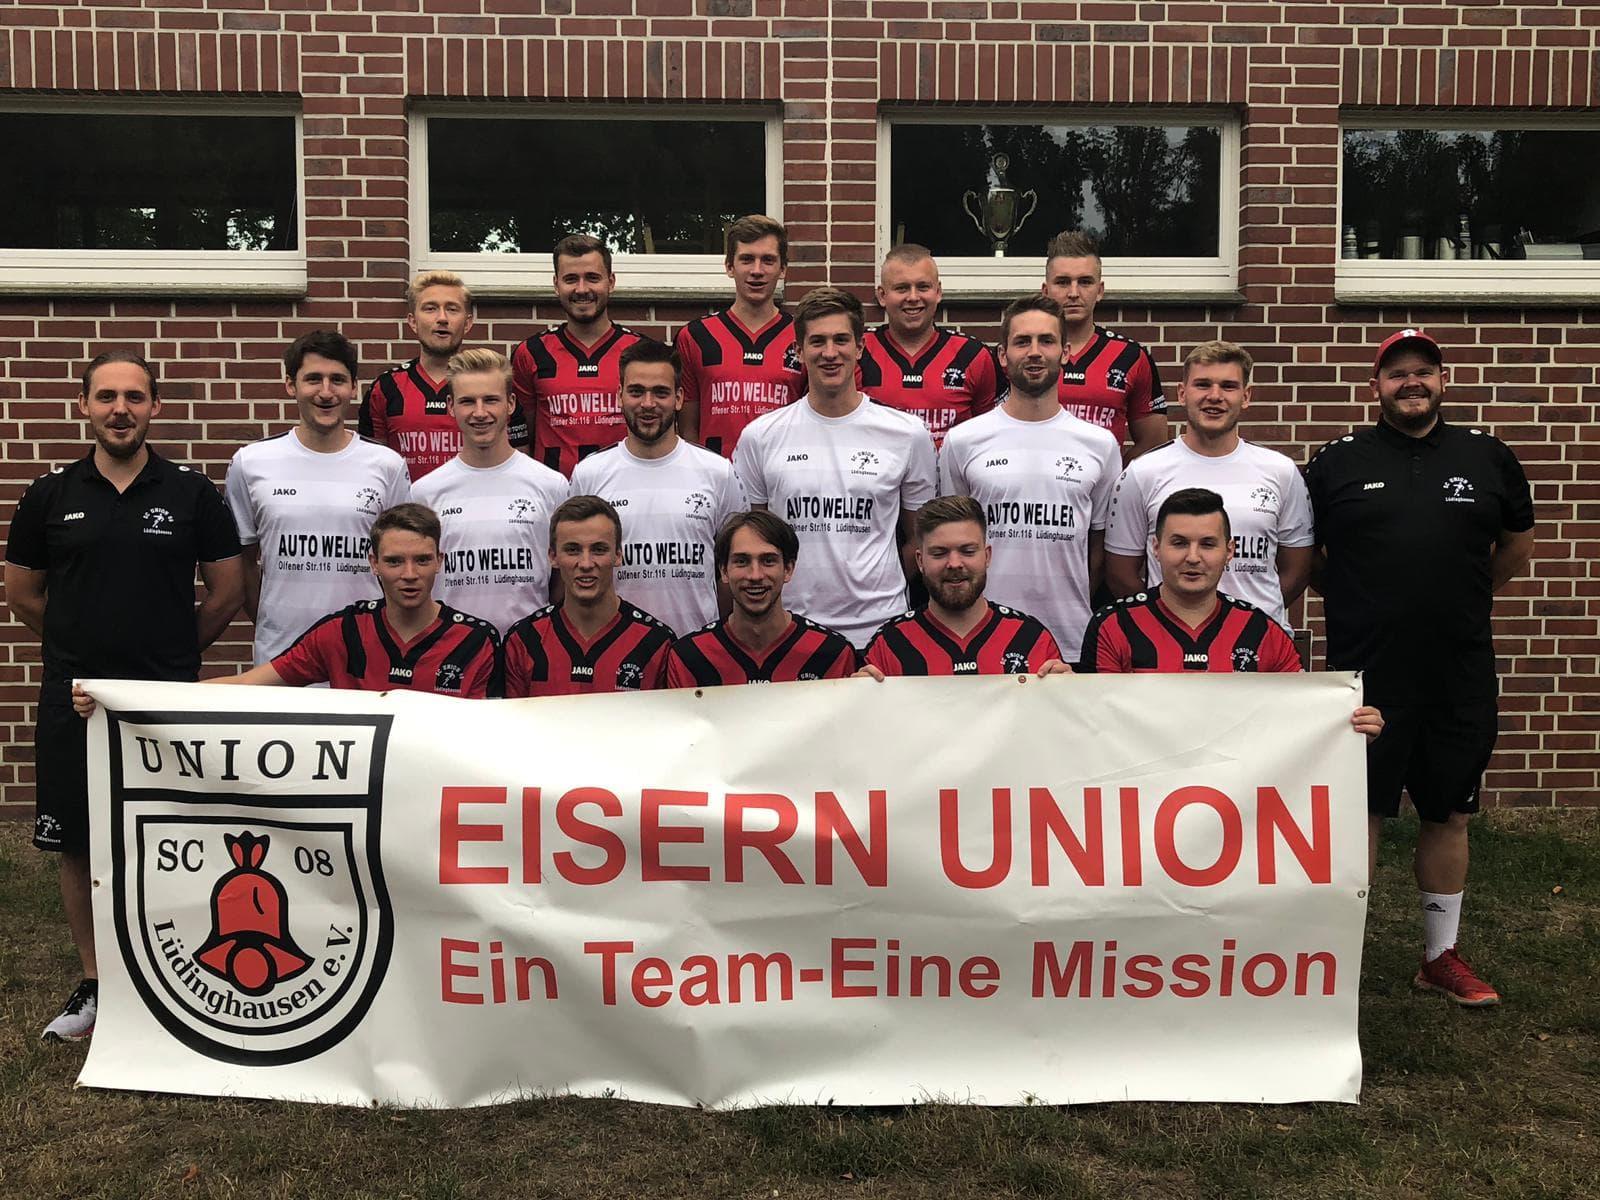 Kreisliga B 2 Ahaus-Coesfeld: Union Lüdinghausen II – SV Eggerode (Sonntag, 13:00 Uhr)